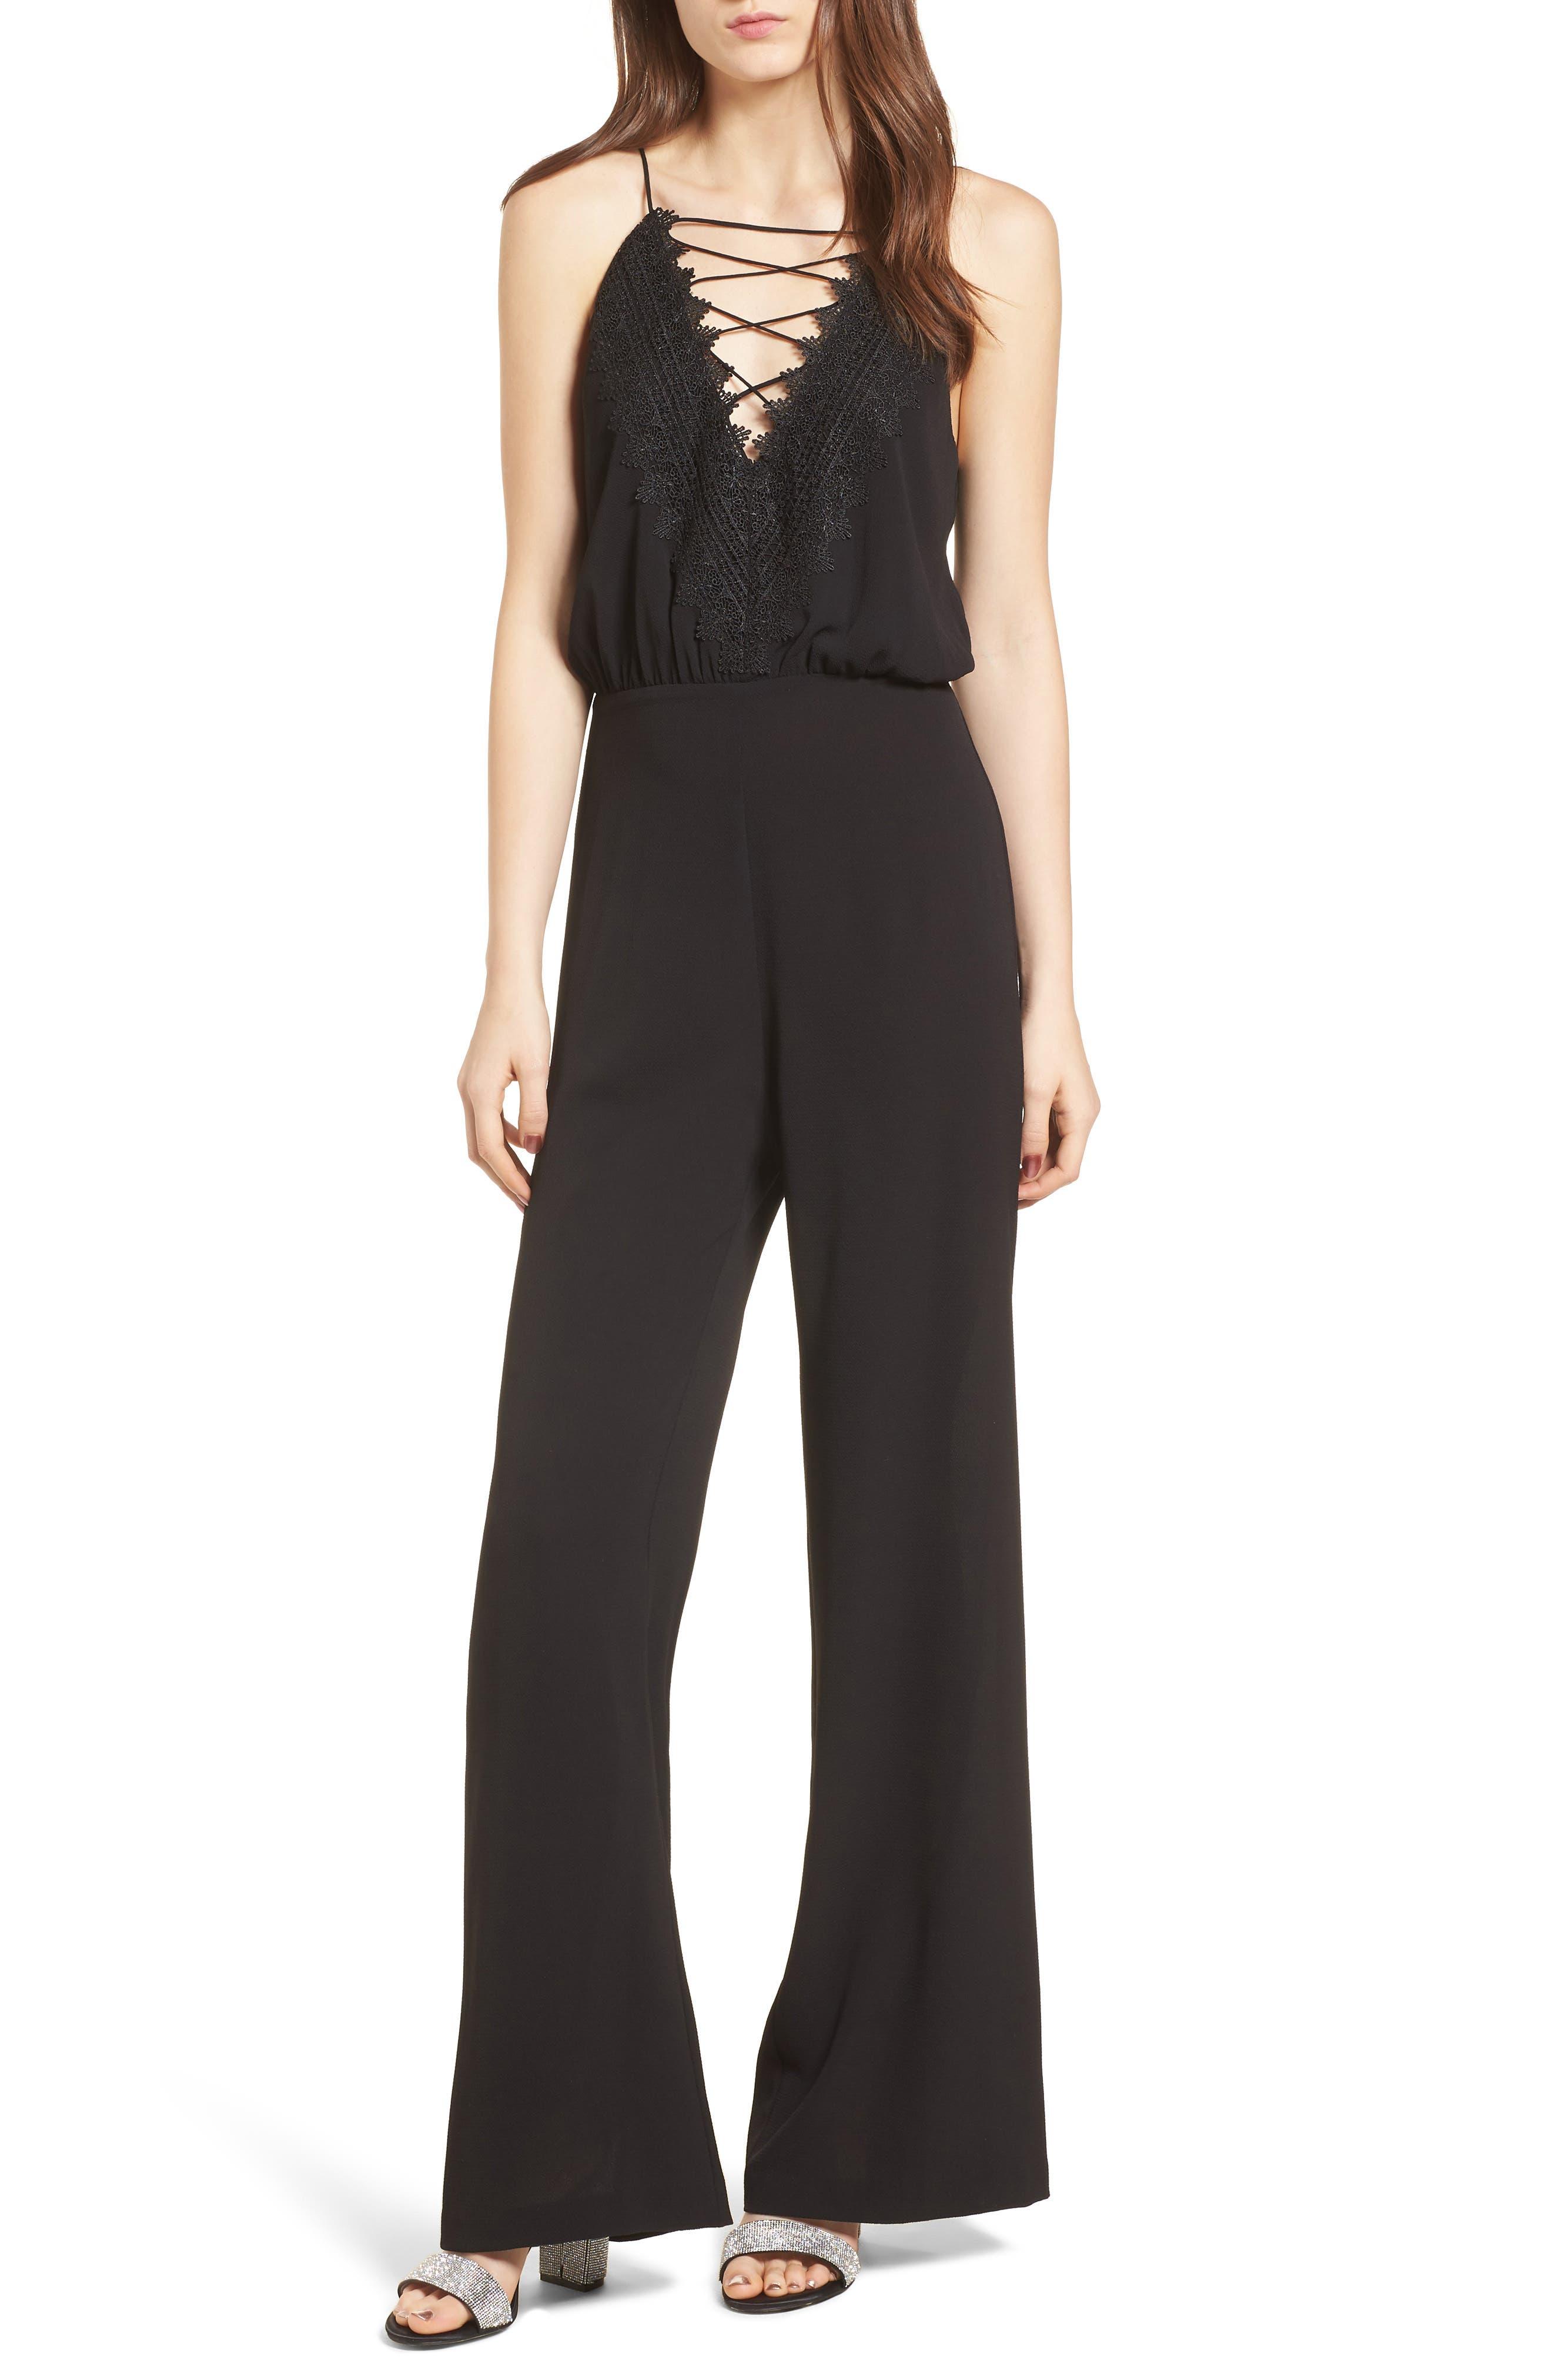 Posie Lace-Up Jumpsuit,                         Main,                         color, Black